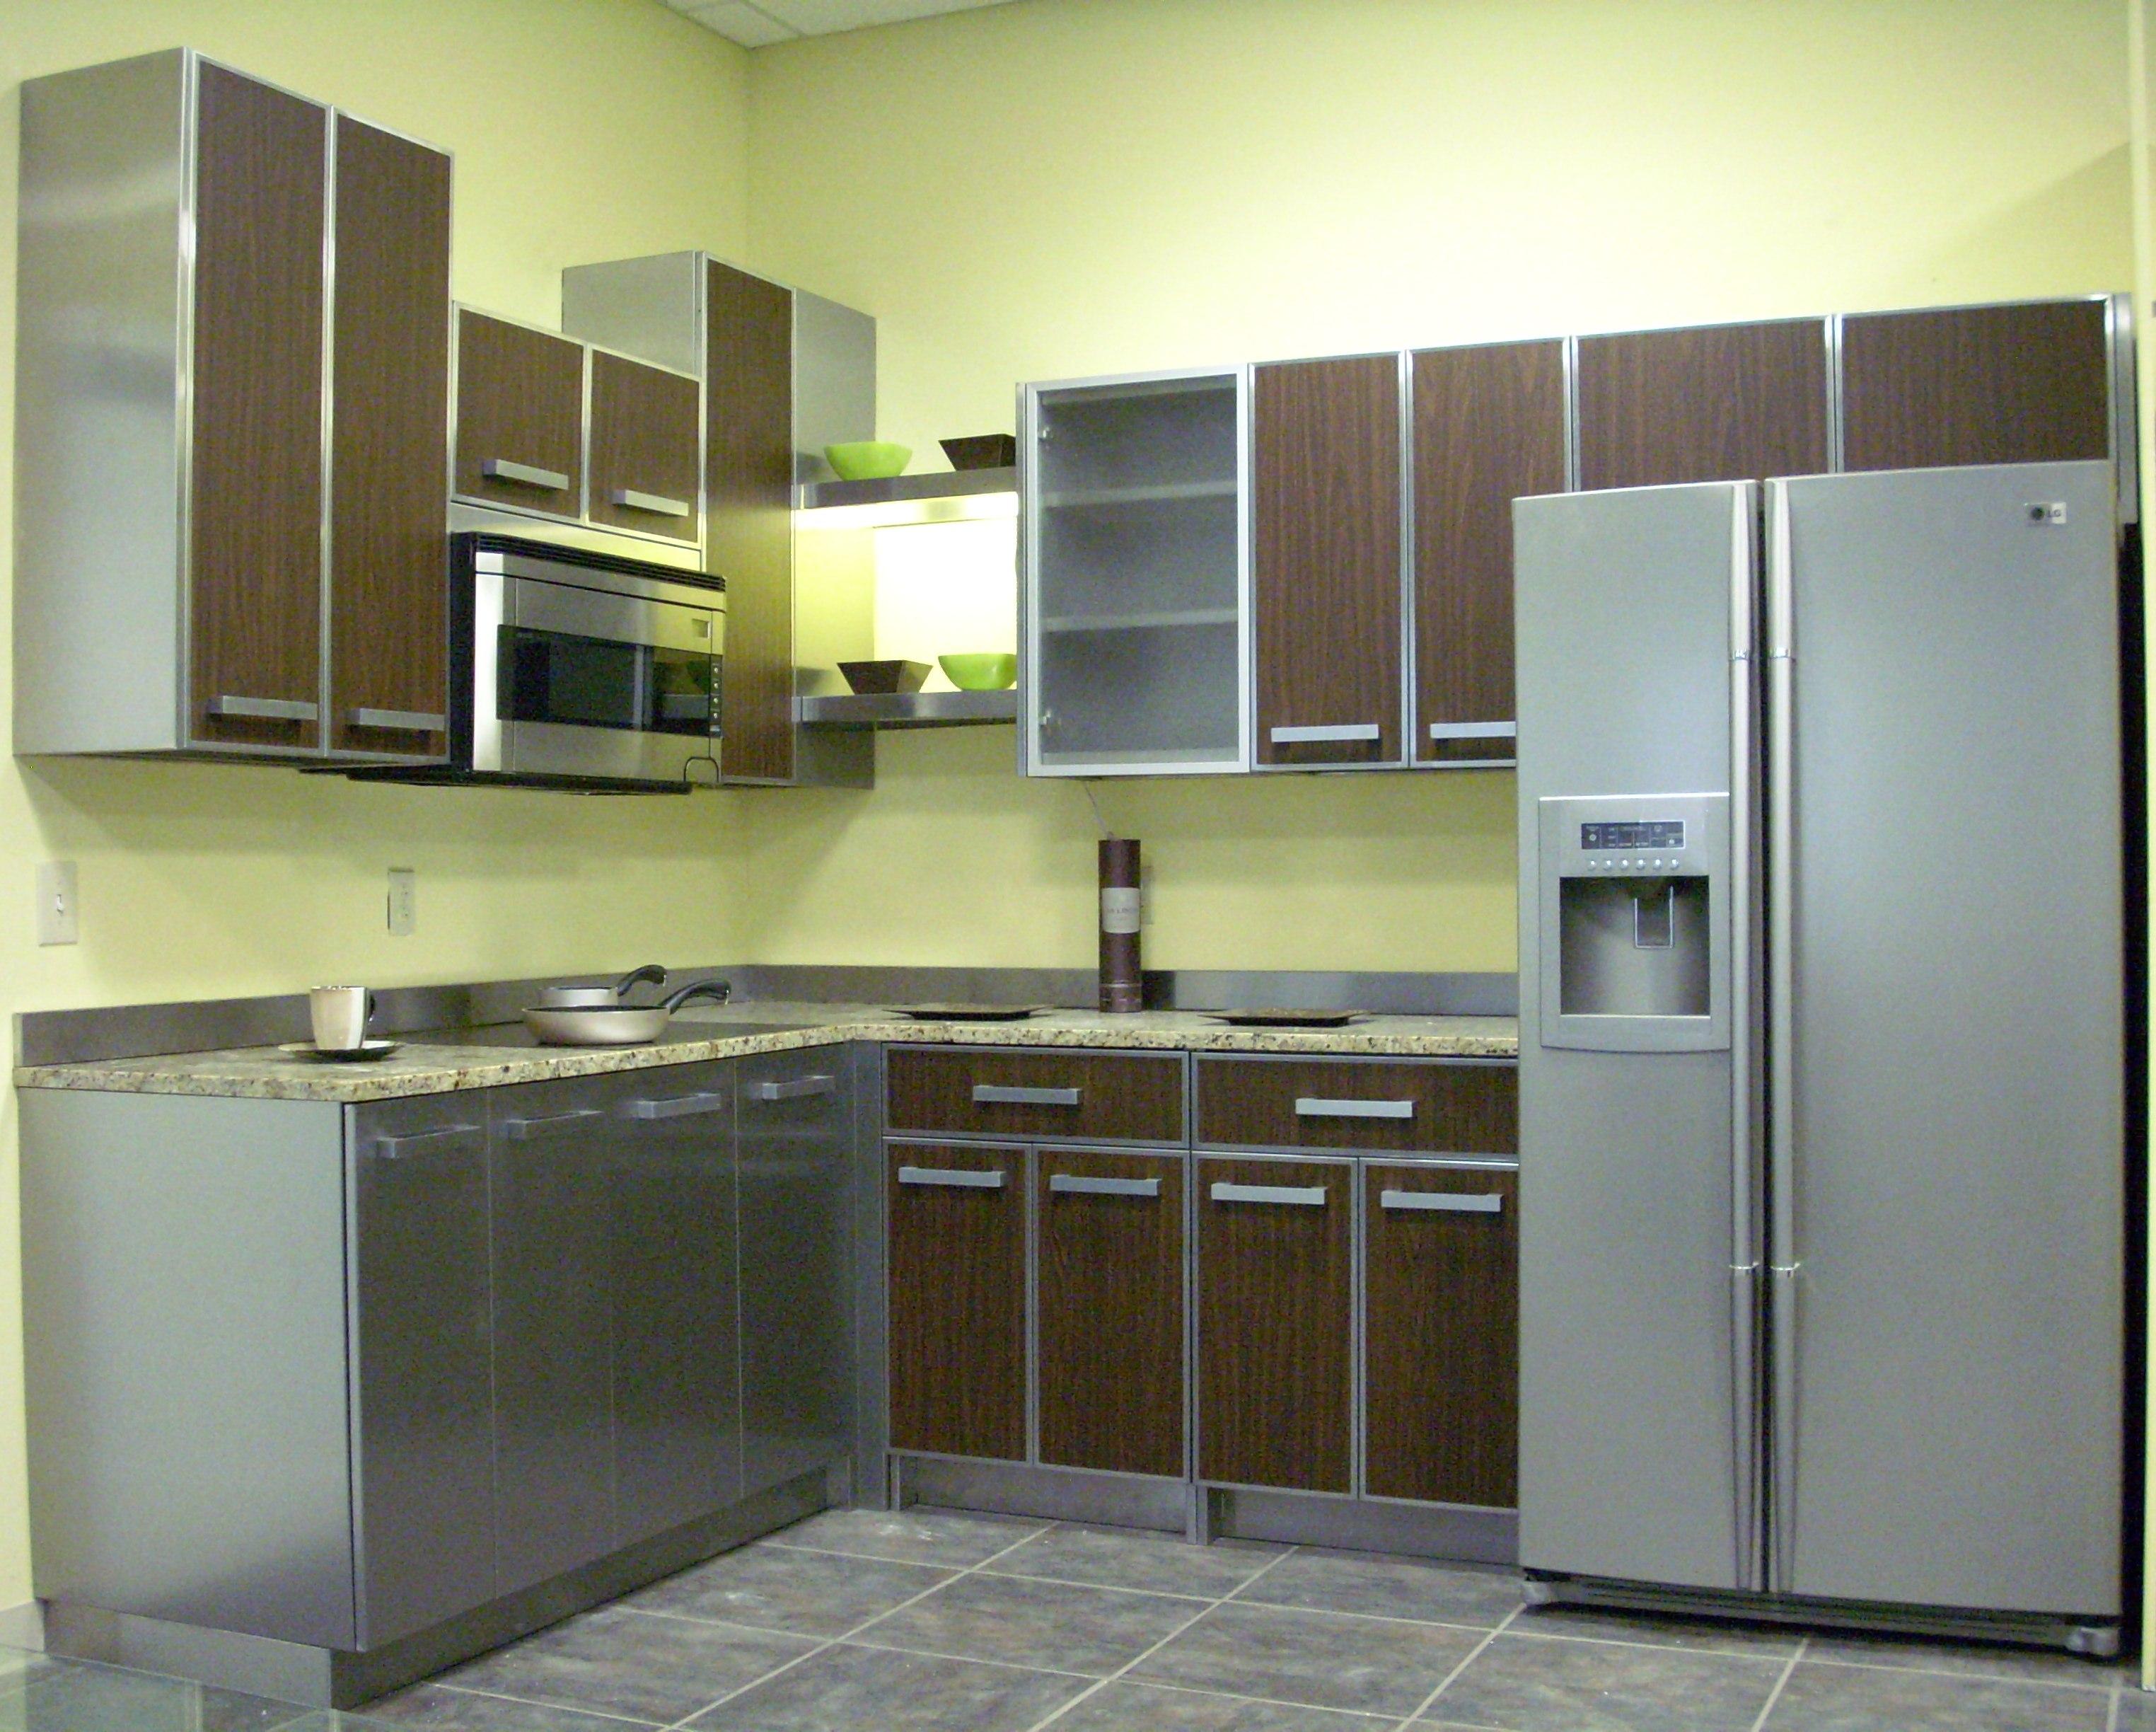 metal cabinets kitchen luxury appliances stainless steel steelkitchen classic